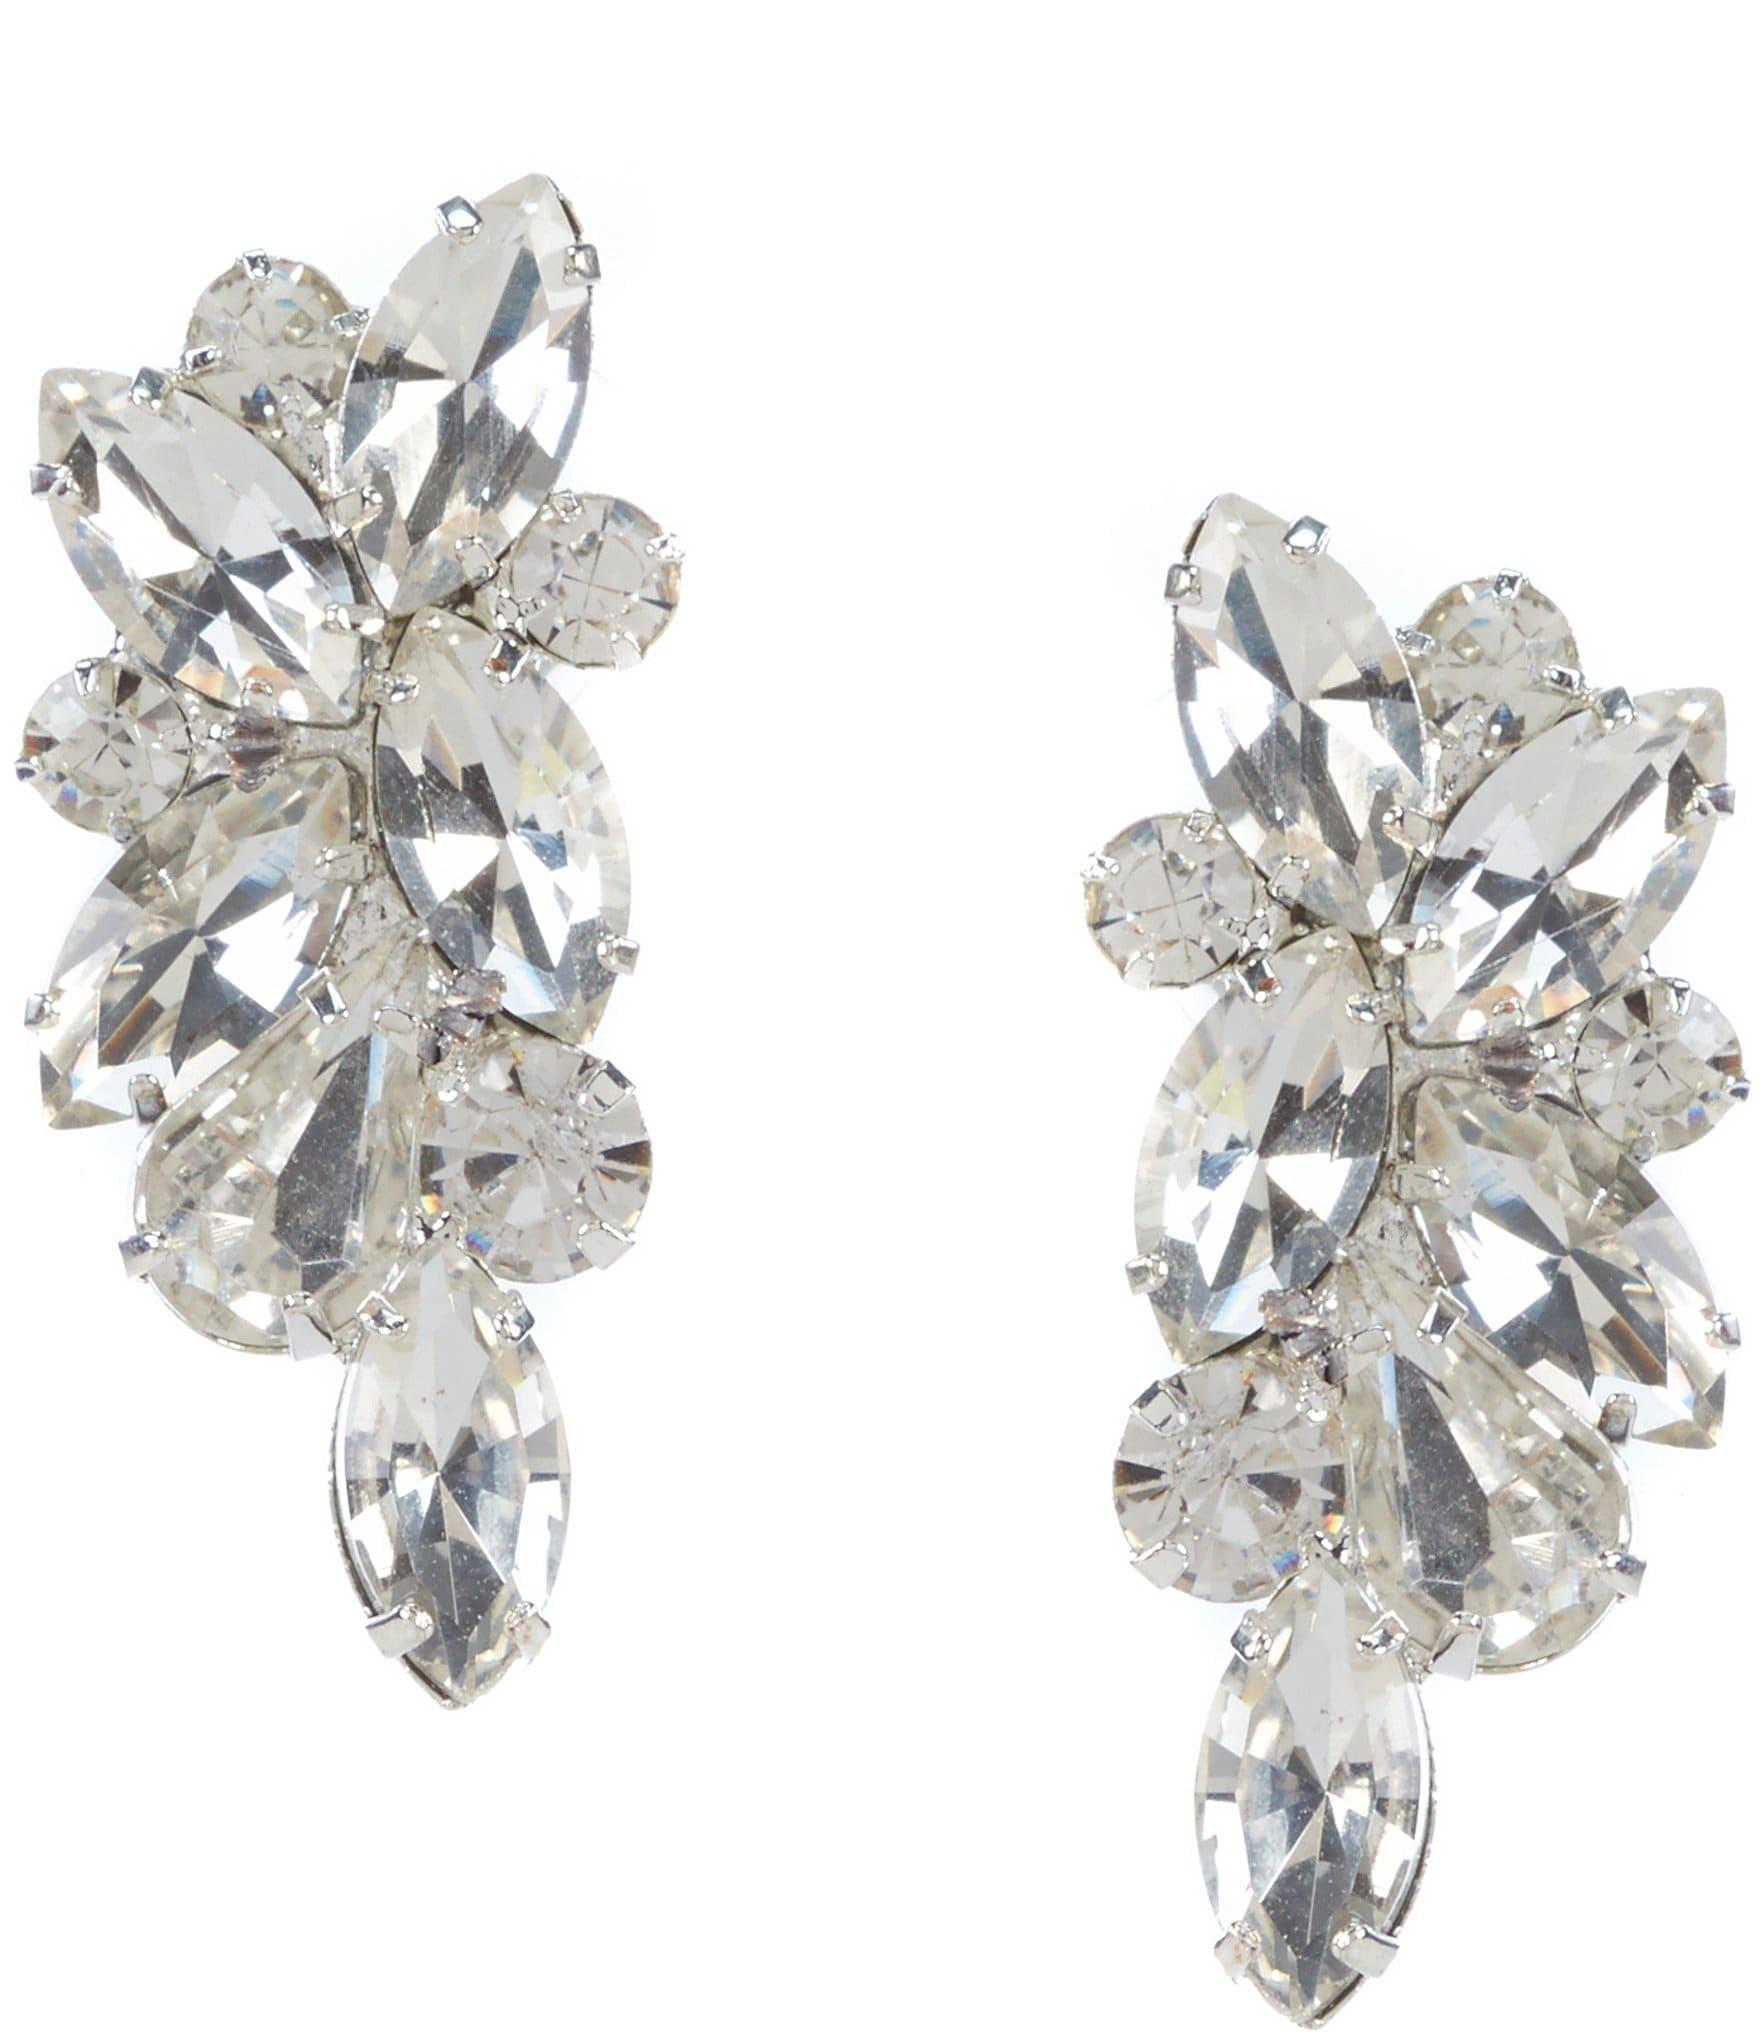 Cezanne Rhinestone Cluster Stud Statement Earrings Dillards